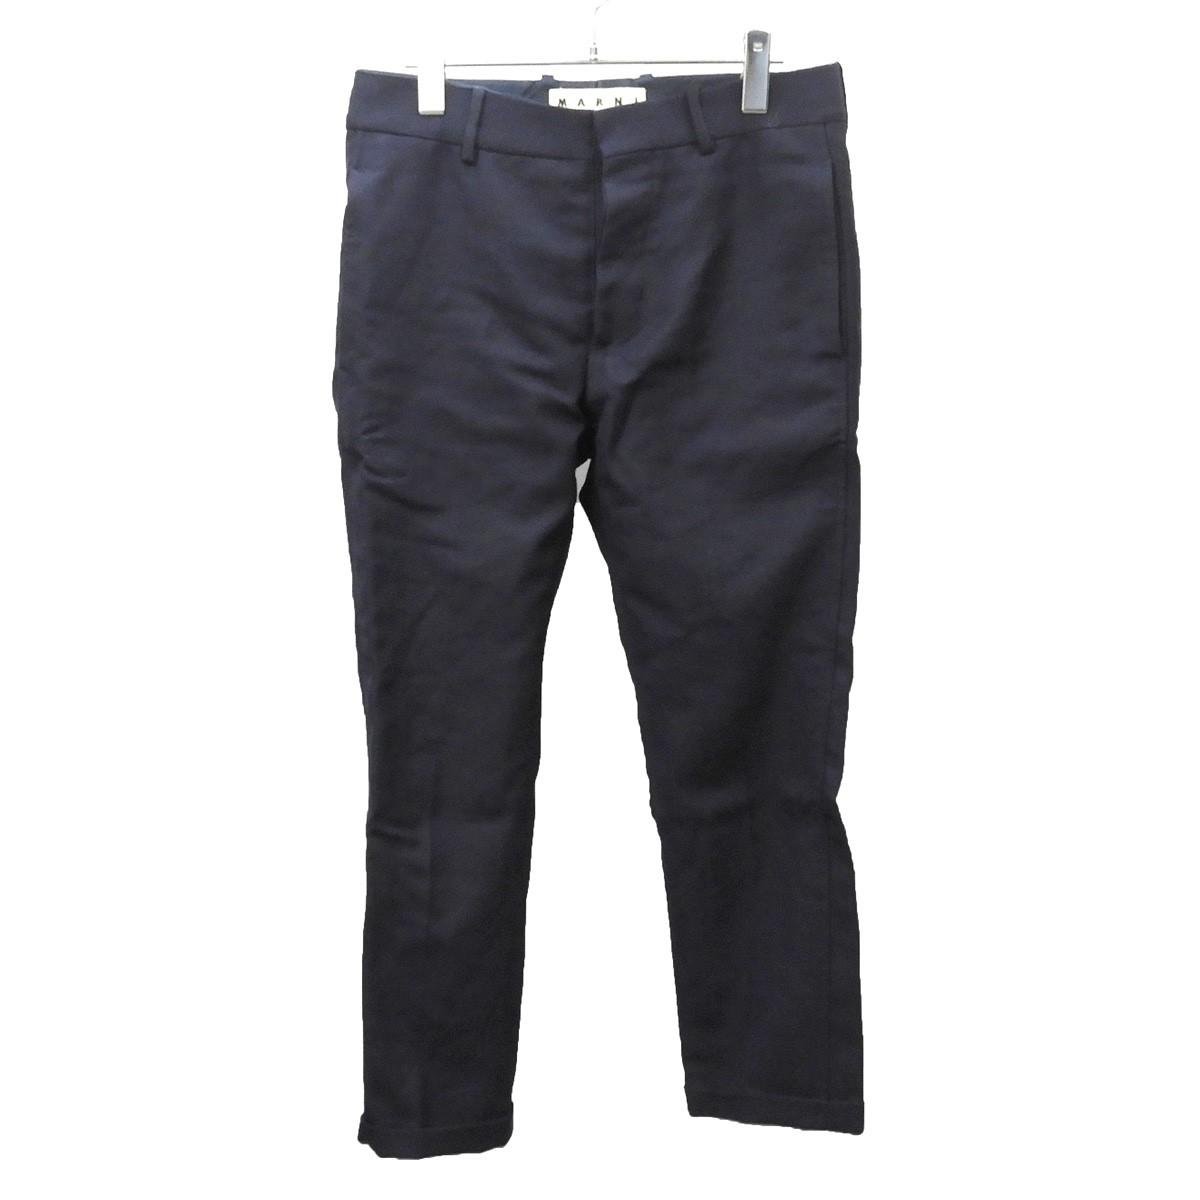 【中古】MARNI スラックスパンツ ネイビー サイズ:44 【250520】(マルニ)